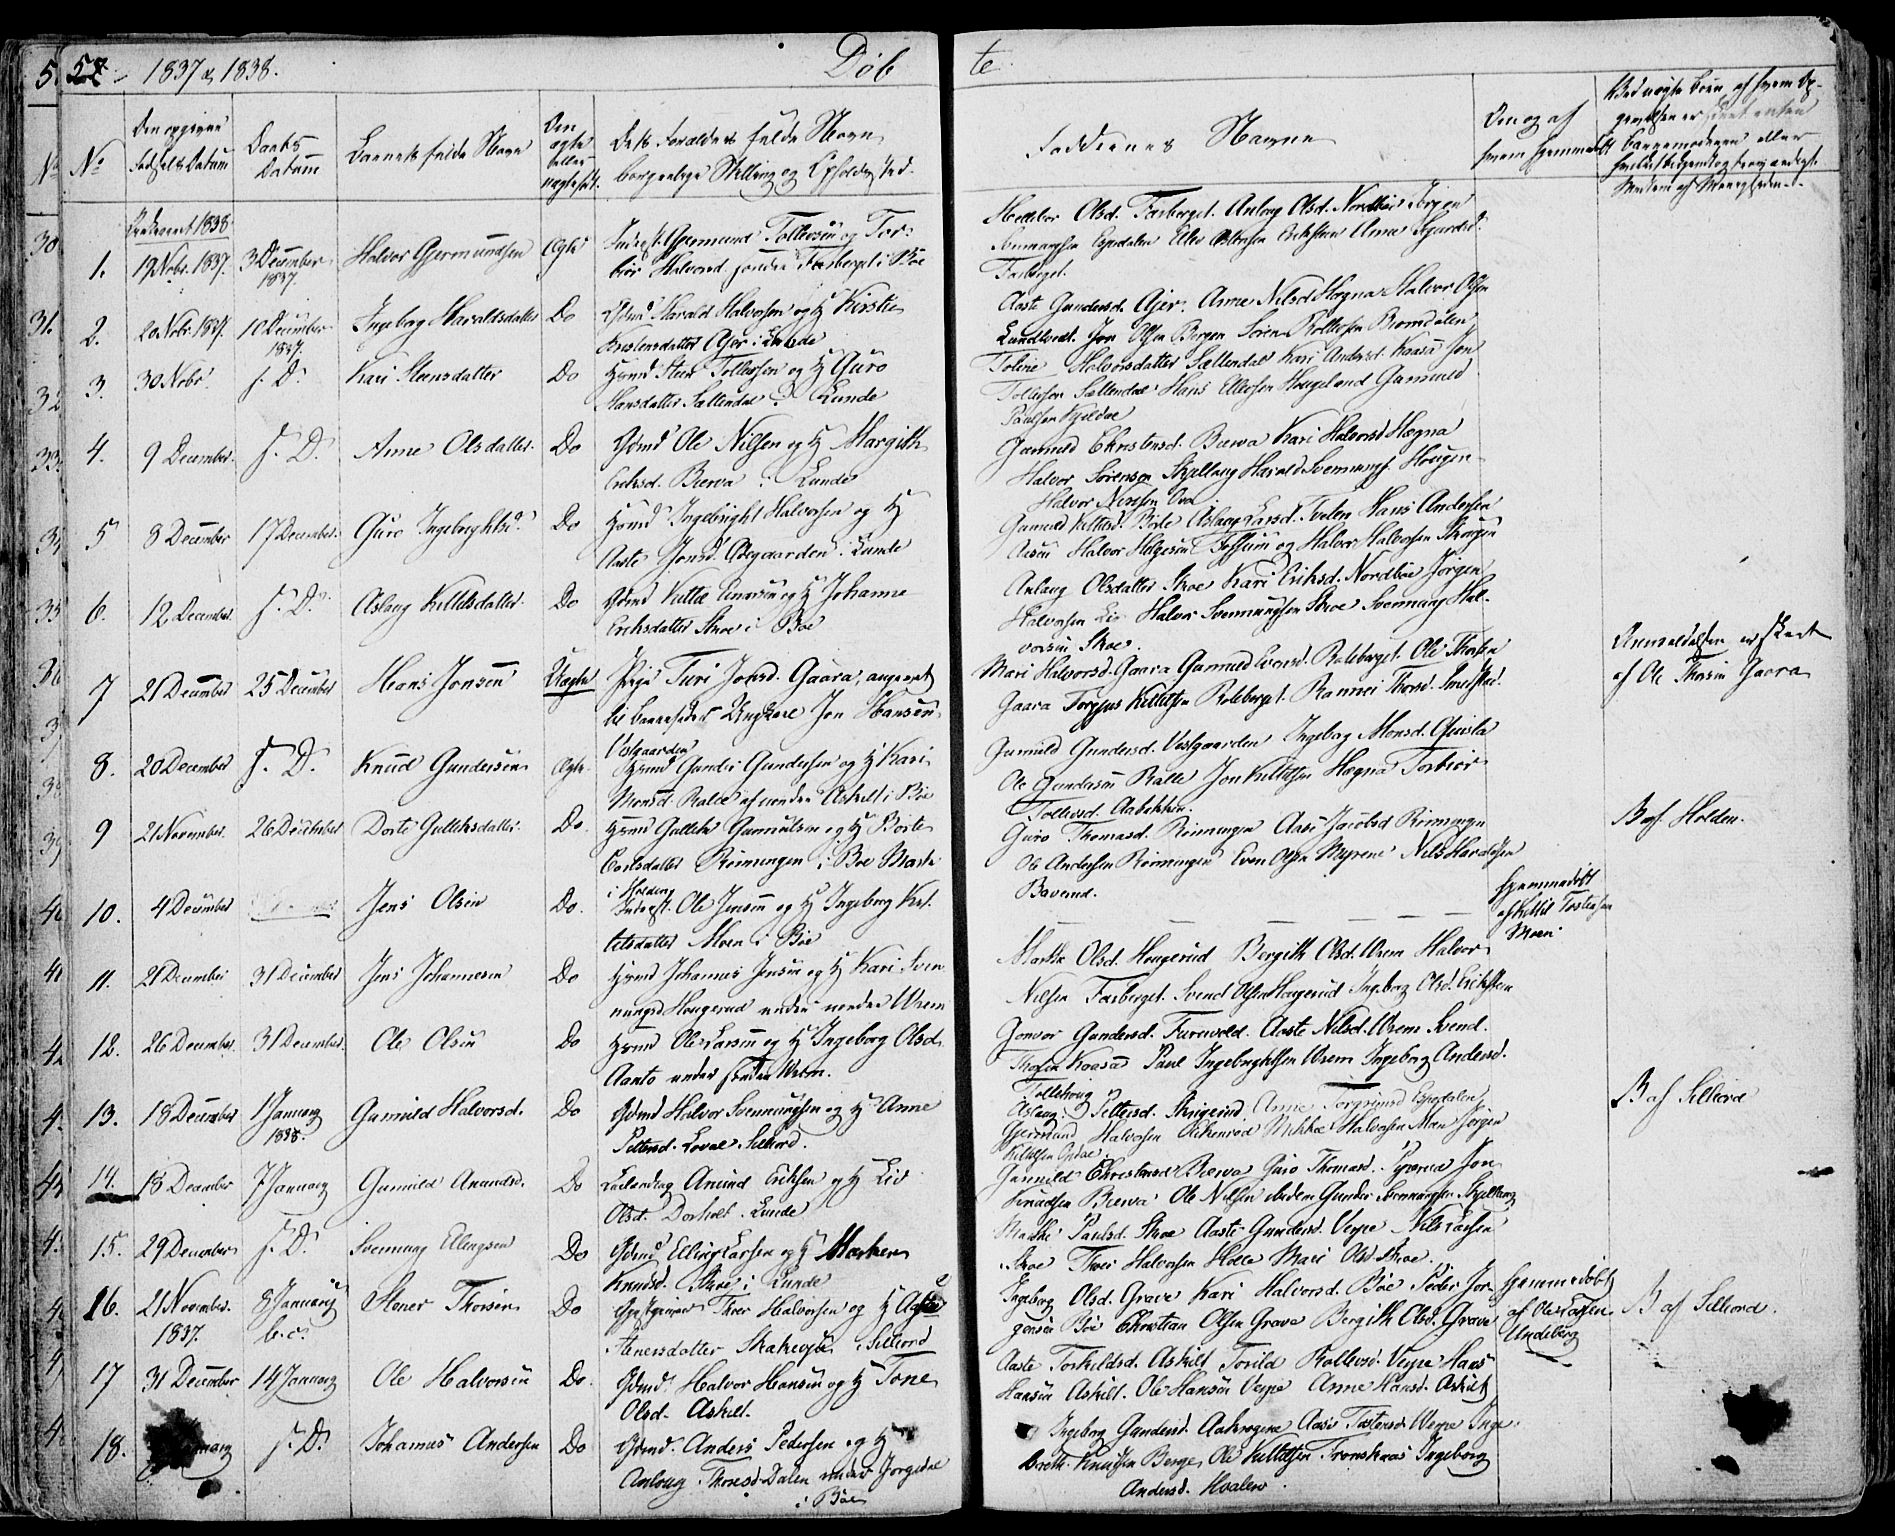 SAKO, Bø kirkebøker, F/Fa/L0007: Ministerialbok nr. 7, 1831-1848, s. 57